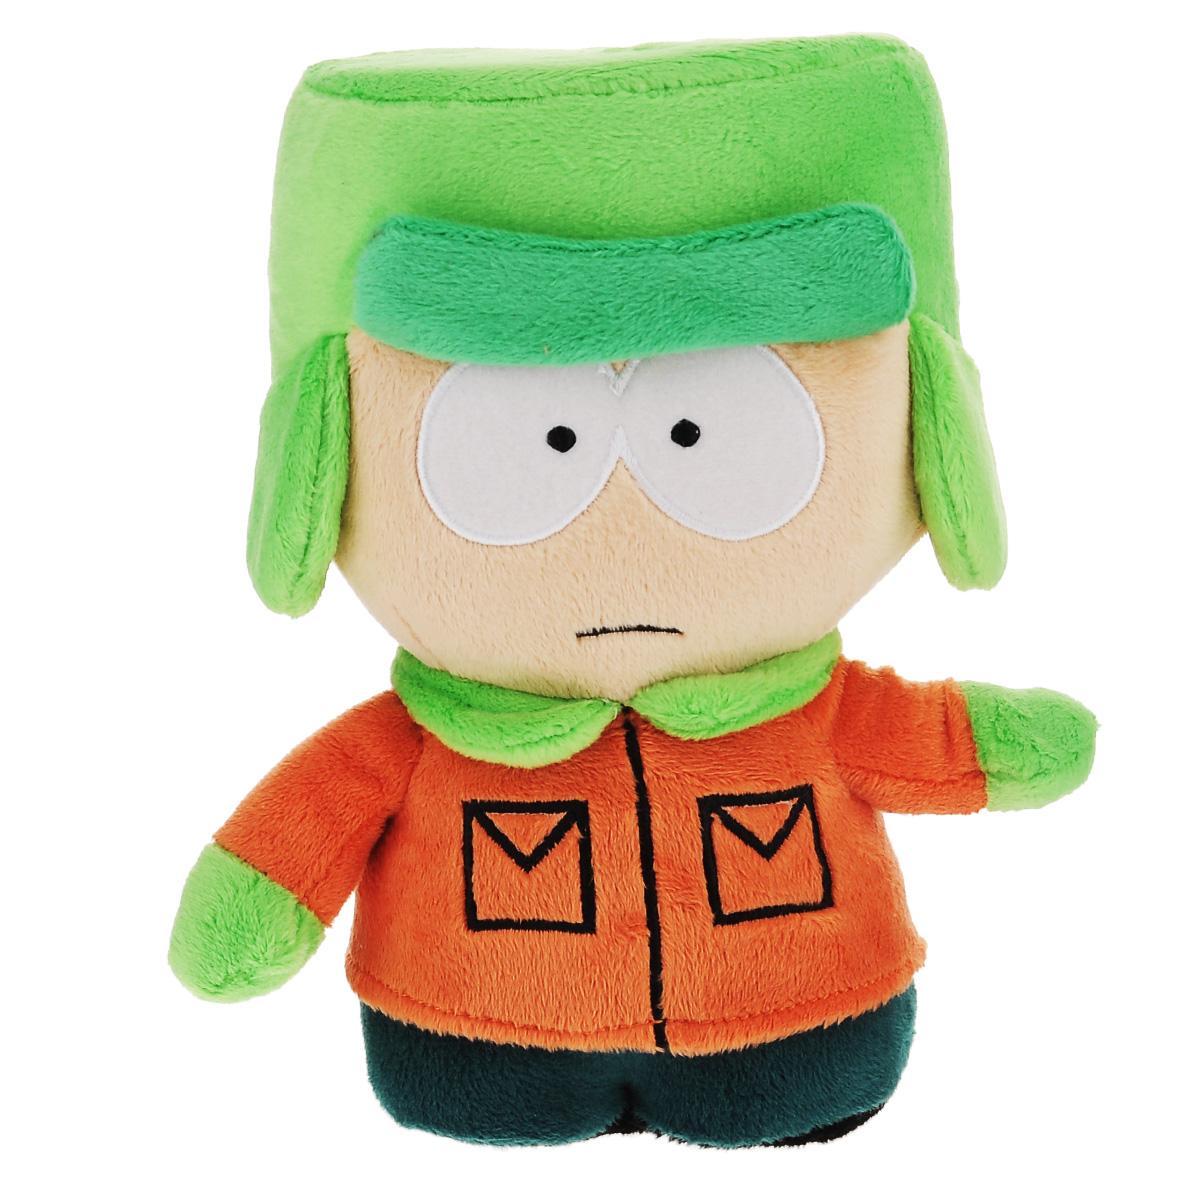 Мягкая озвученная игрушка South Park Кайл, 22 см мягкая игрушка кайл 12см с чипом 1toy южный парк